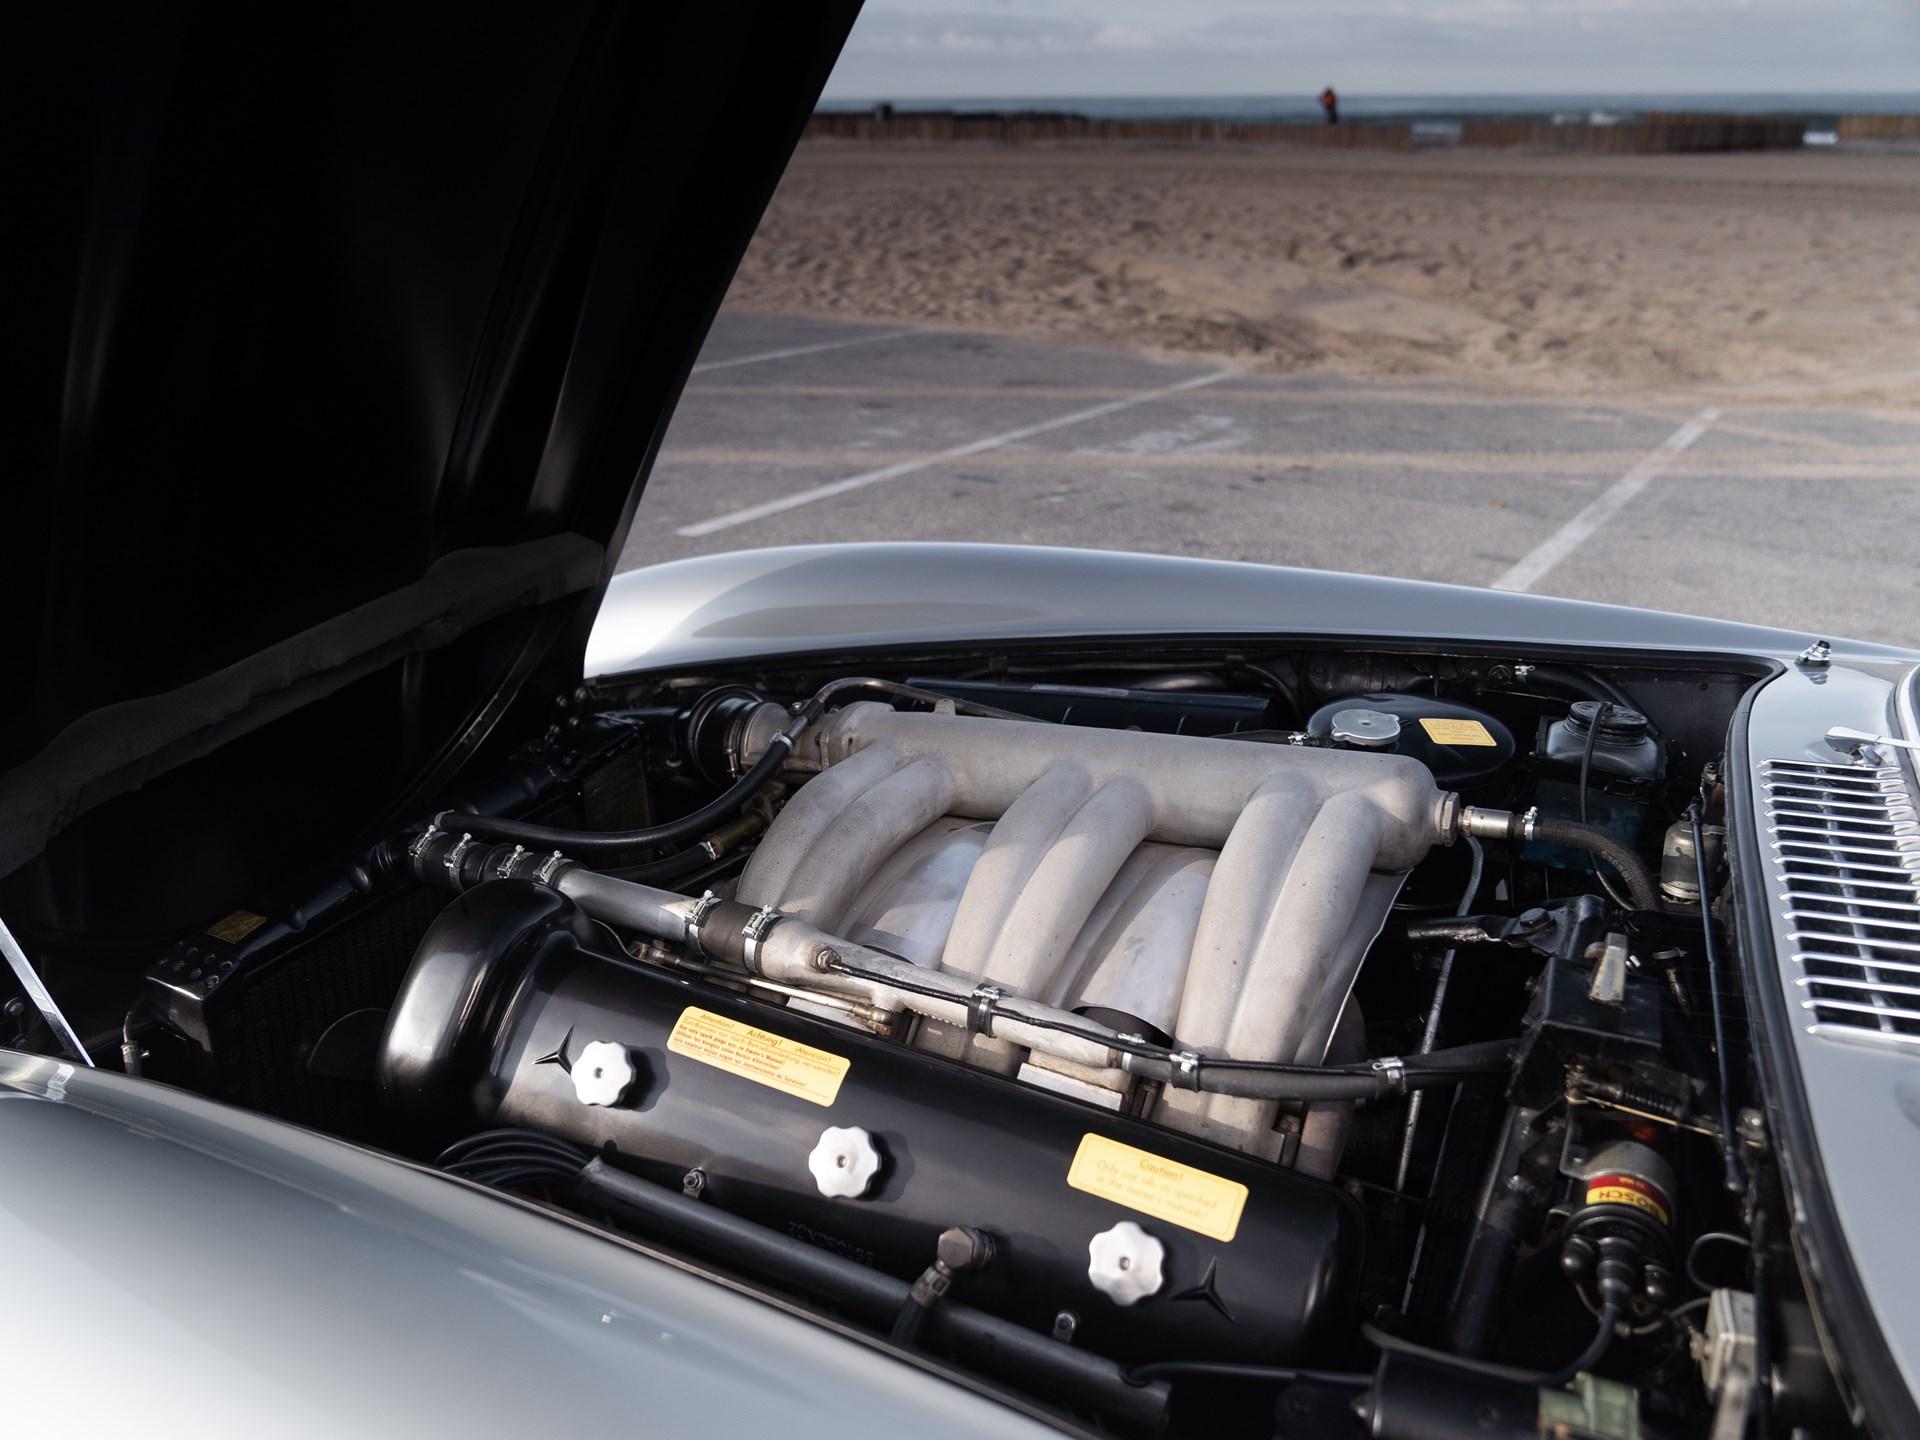 1955 Mercedes-Benz 300 SL Gullwing engine